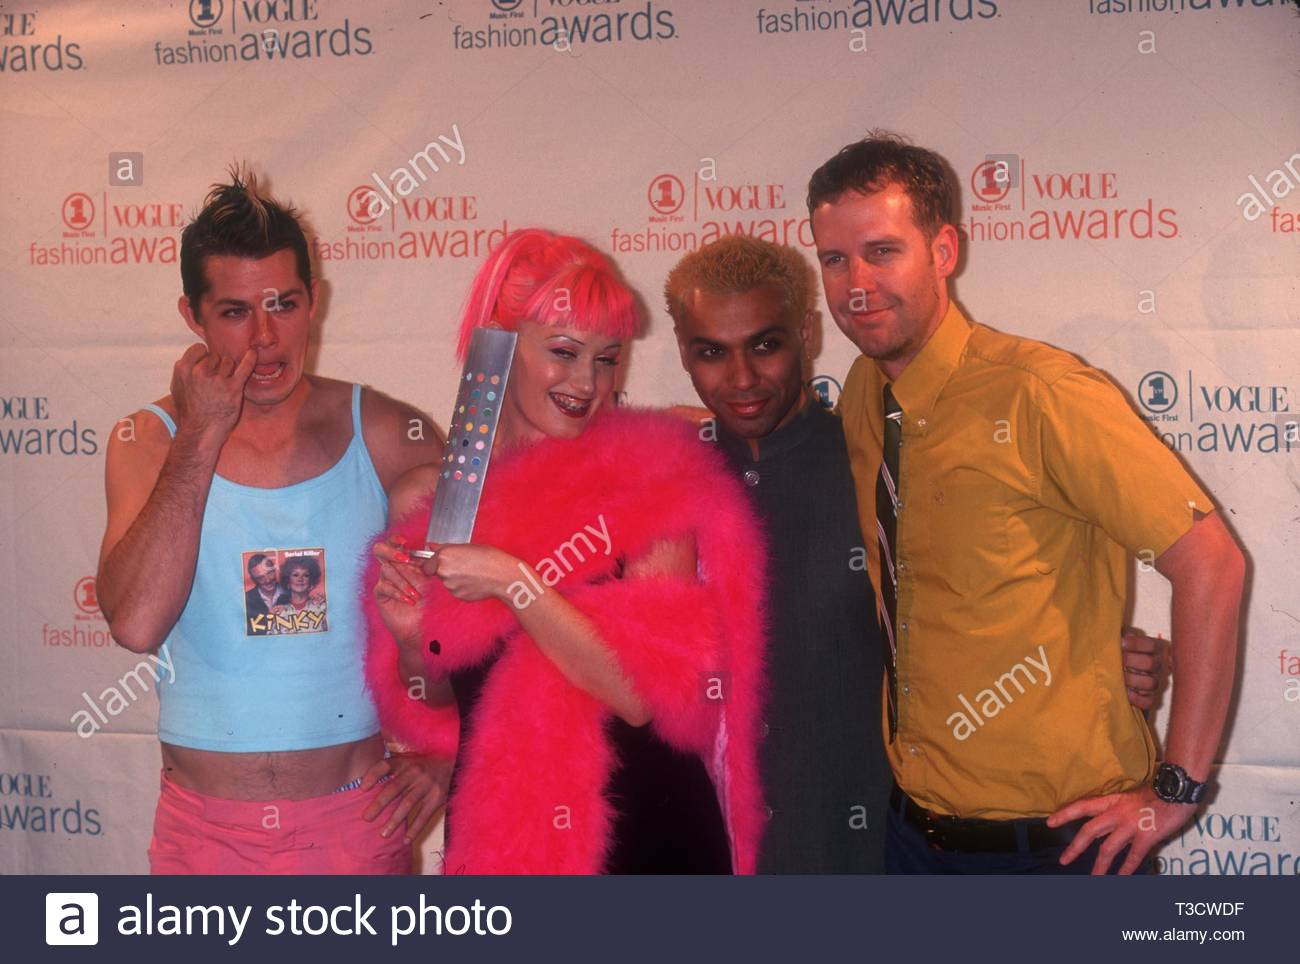 Gwen Stefani Pink Hair Braces